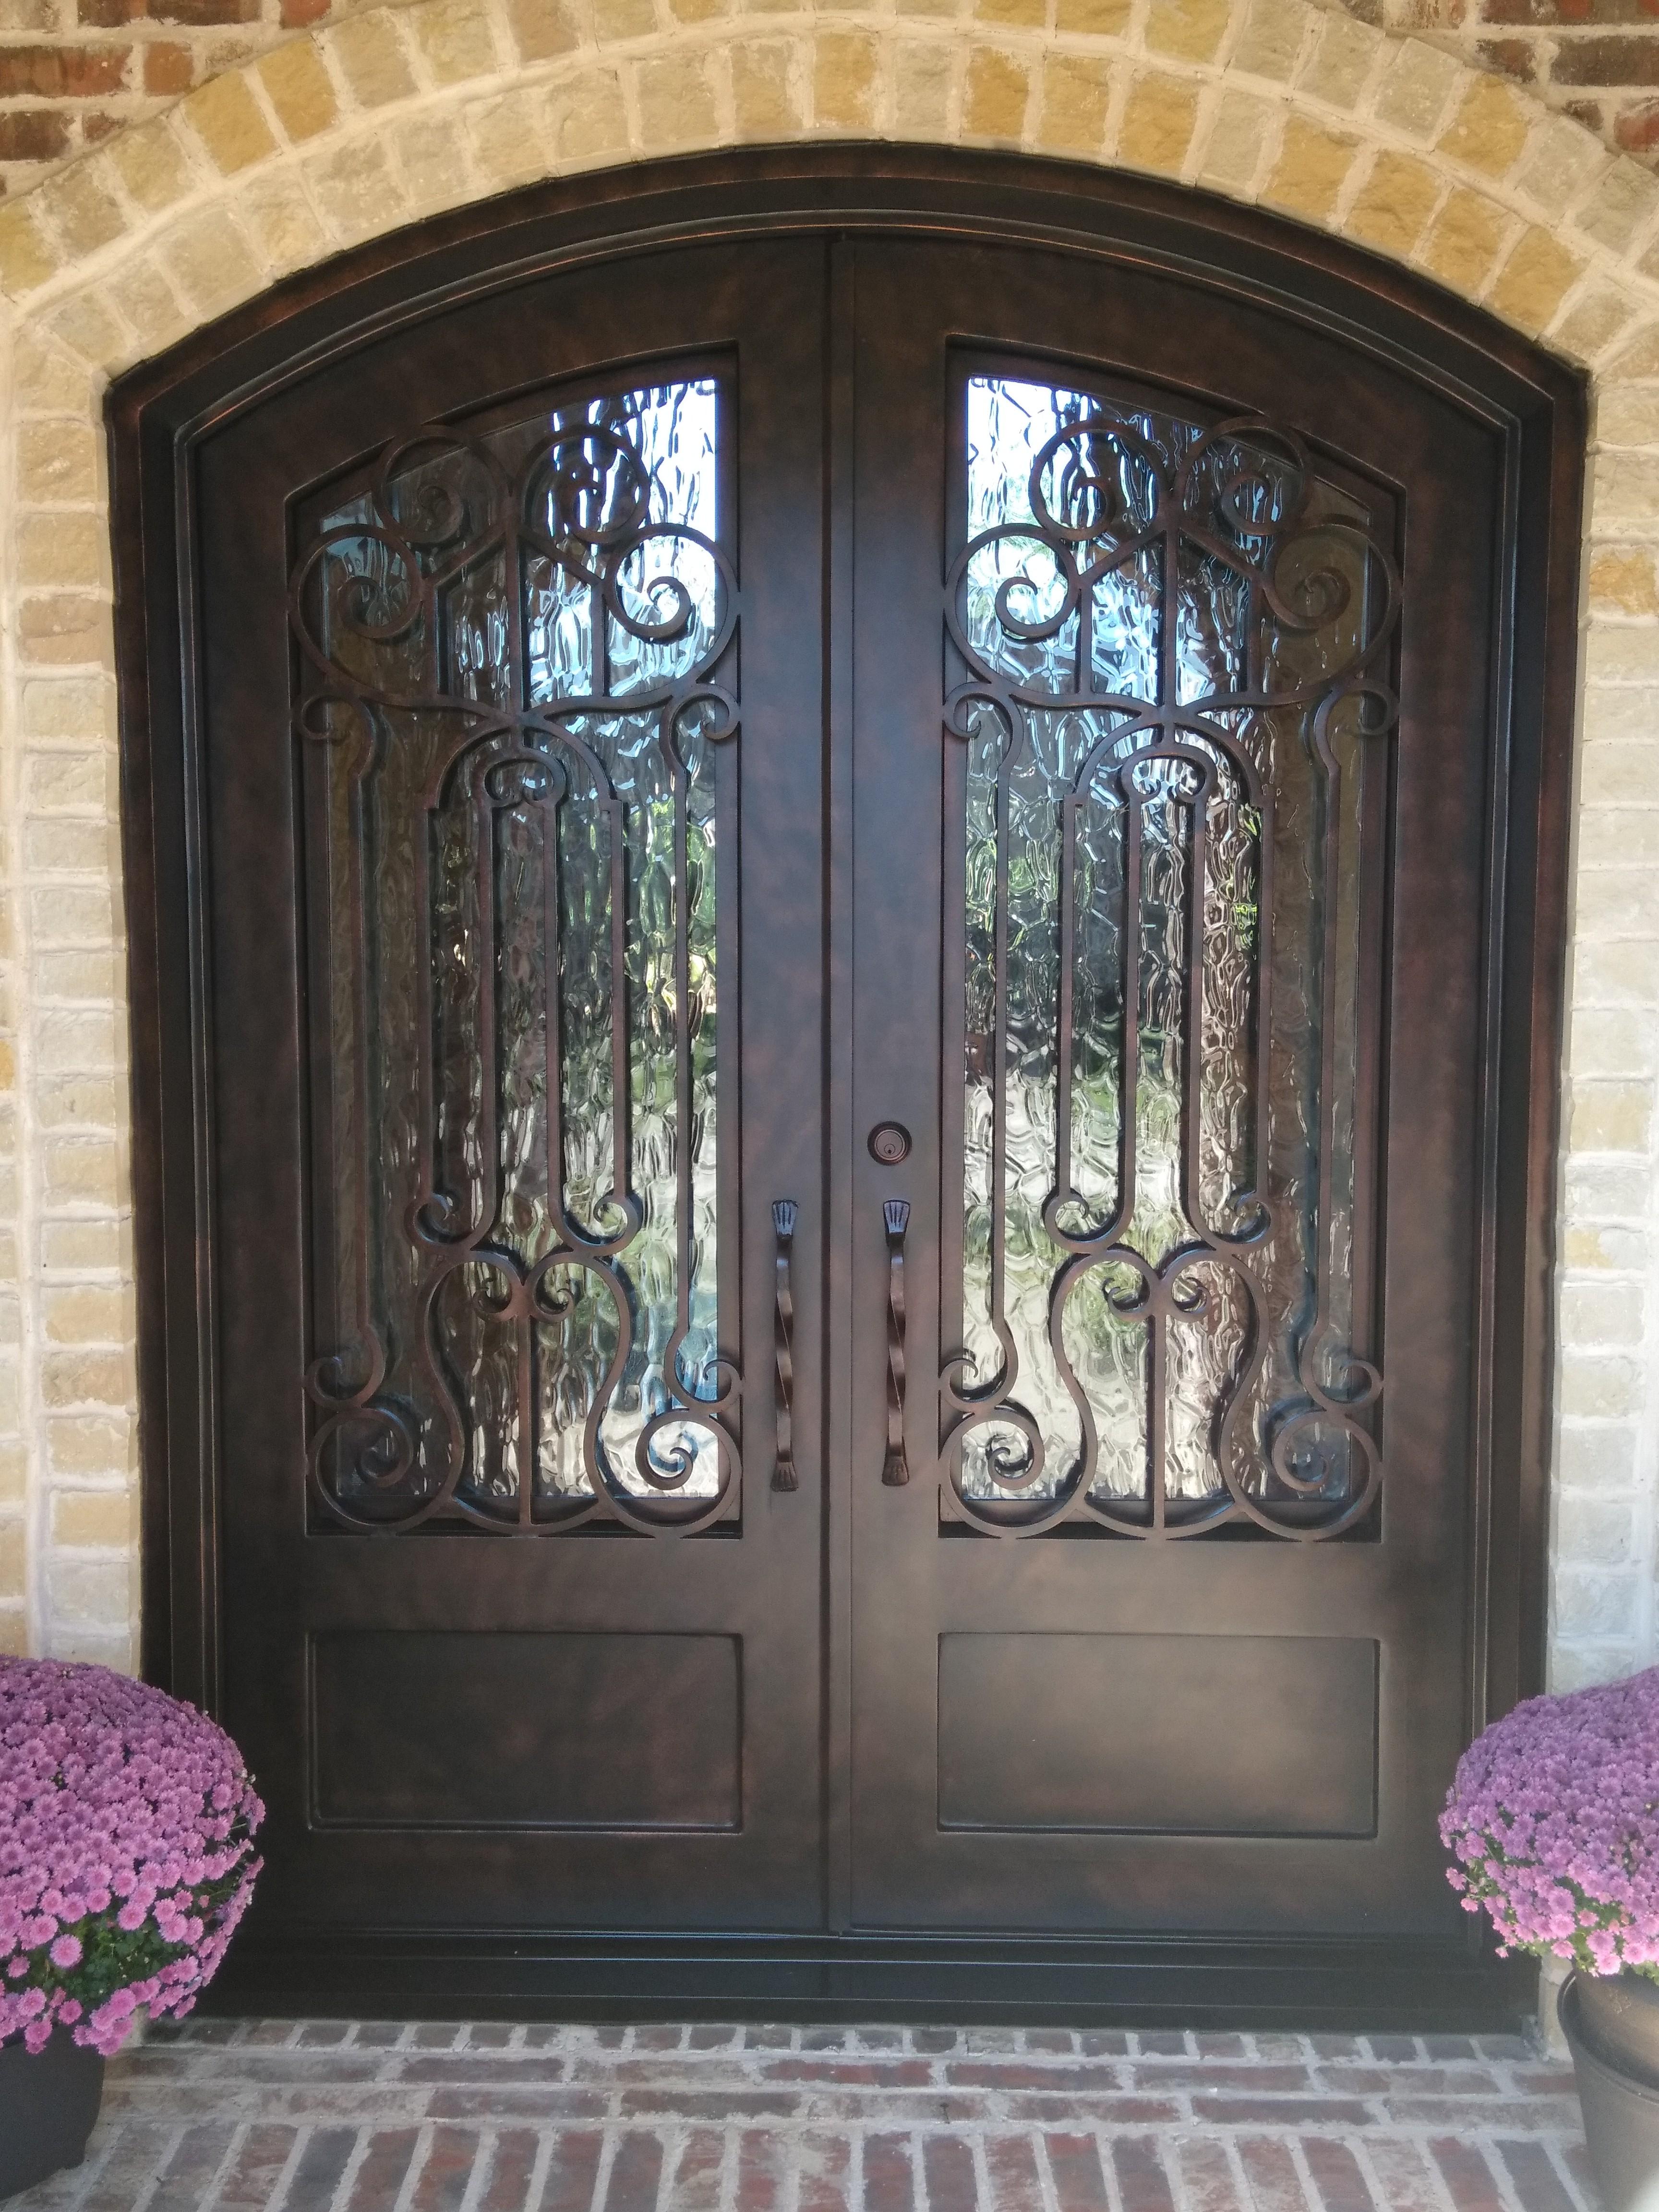 Door Refinished Door Refinished Door Refinished Door Refinished Door & Gallery Wrought Iron Door \u0026 Gate- Repair| Repaint| Refinish| Restore